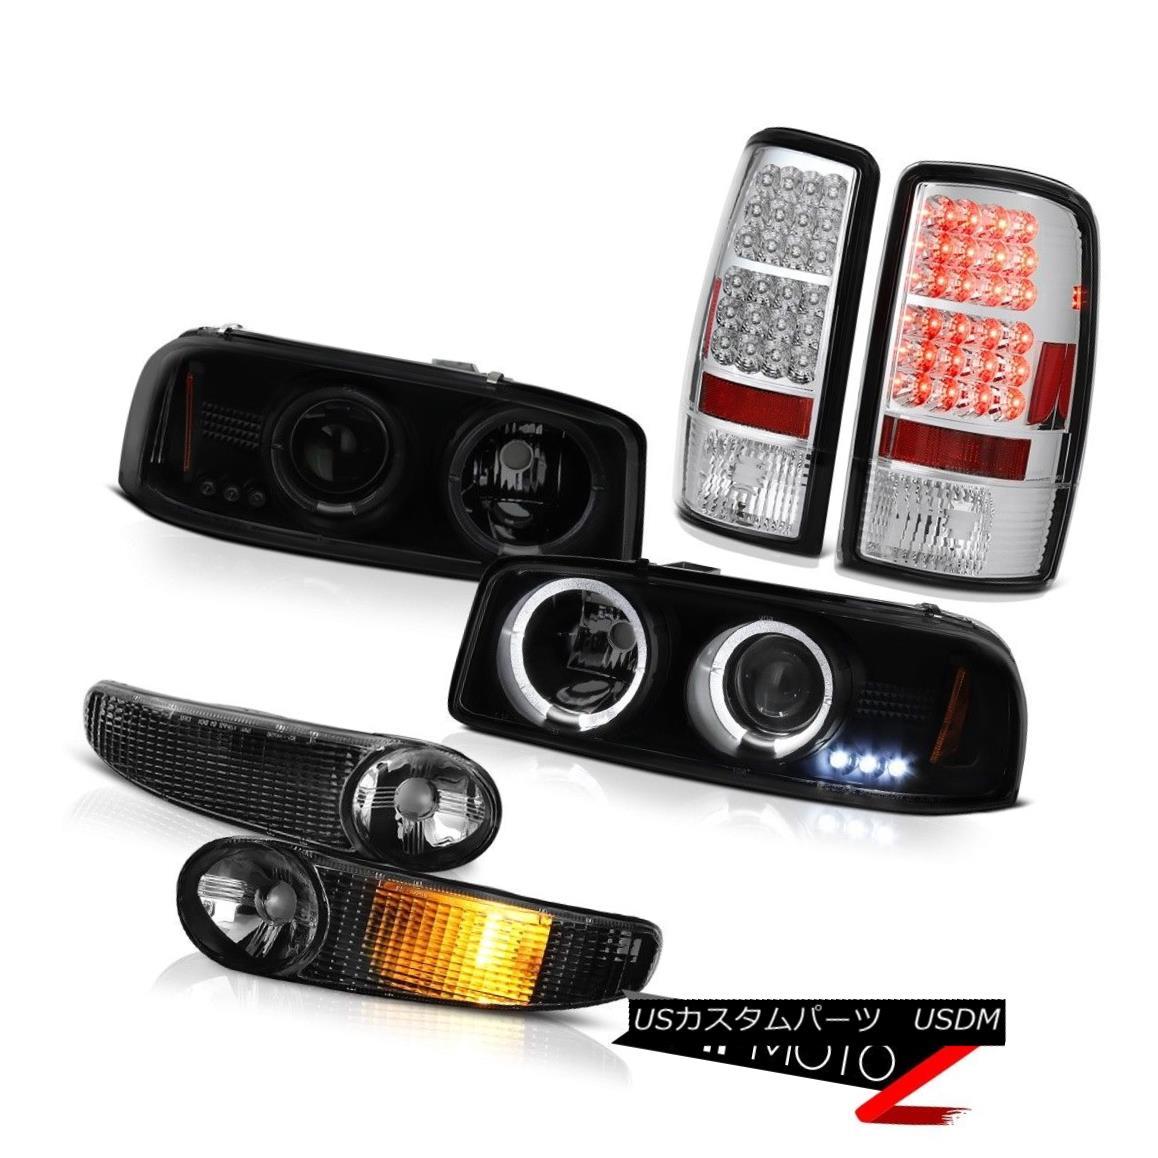 ヘッドライト Sinister Black Headlight Halo Bumper LED Tail Lights 00 01 02 03 04 Yukon Denali Sinister BlackヘッドライトHalo Bumper LEDテールライト00 01 02 03 04 Yukon Denali